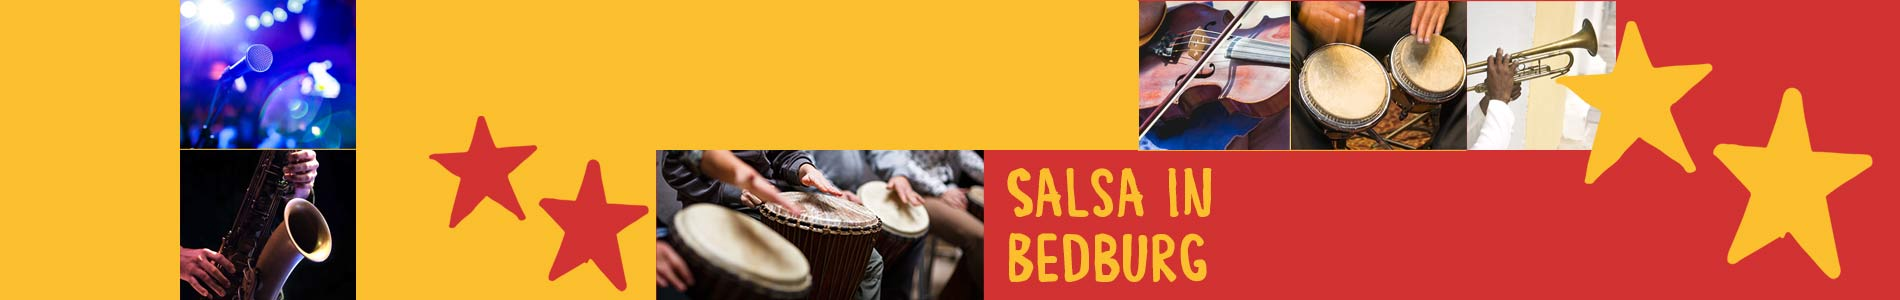 Salsa in Bedburg – Salsa lernen und tanzen, Tanzkurse, Partys, Veranstaltungen